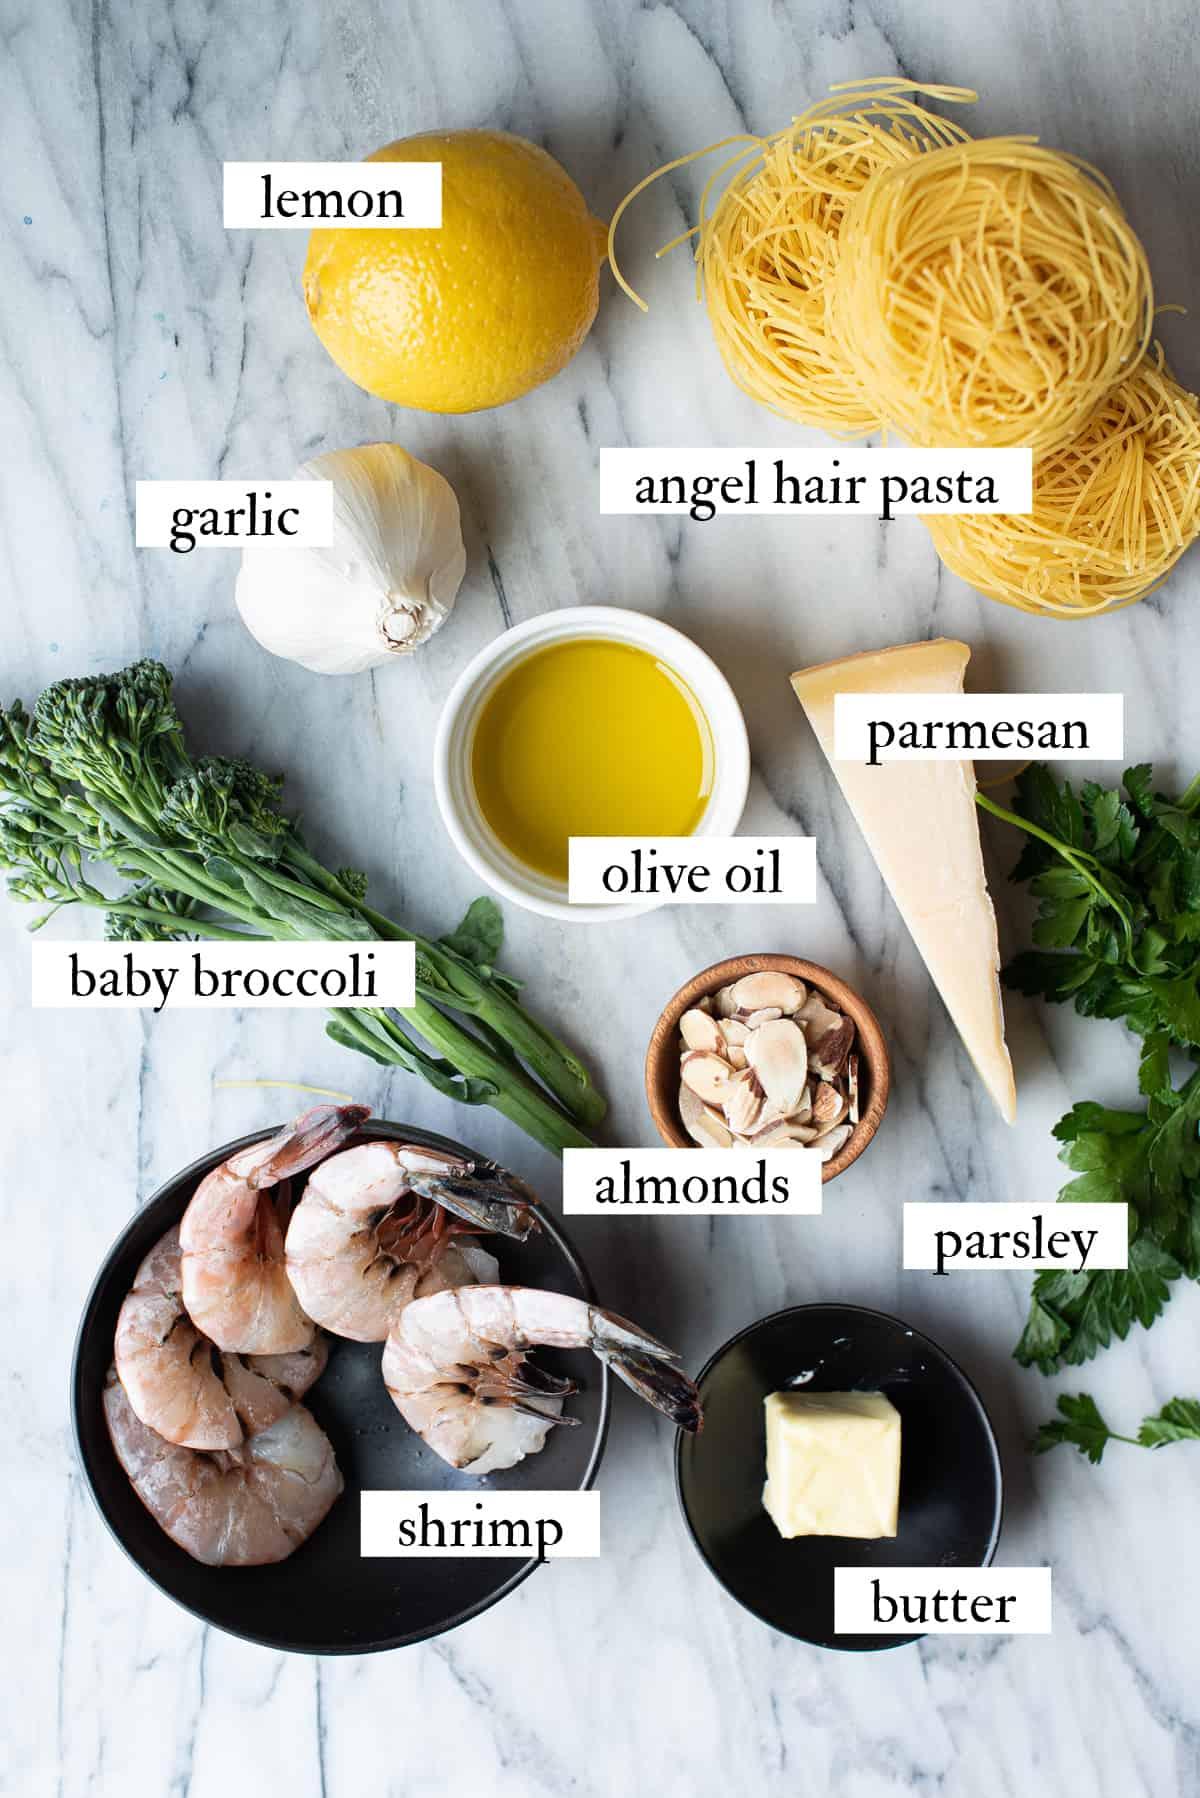 lemony shrimp pasta ingredients on marble surface